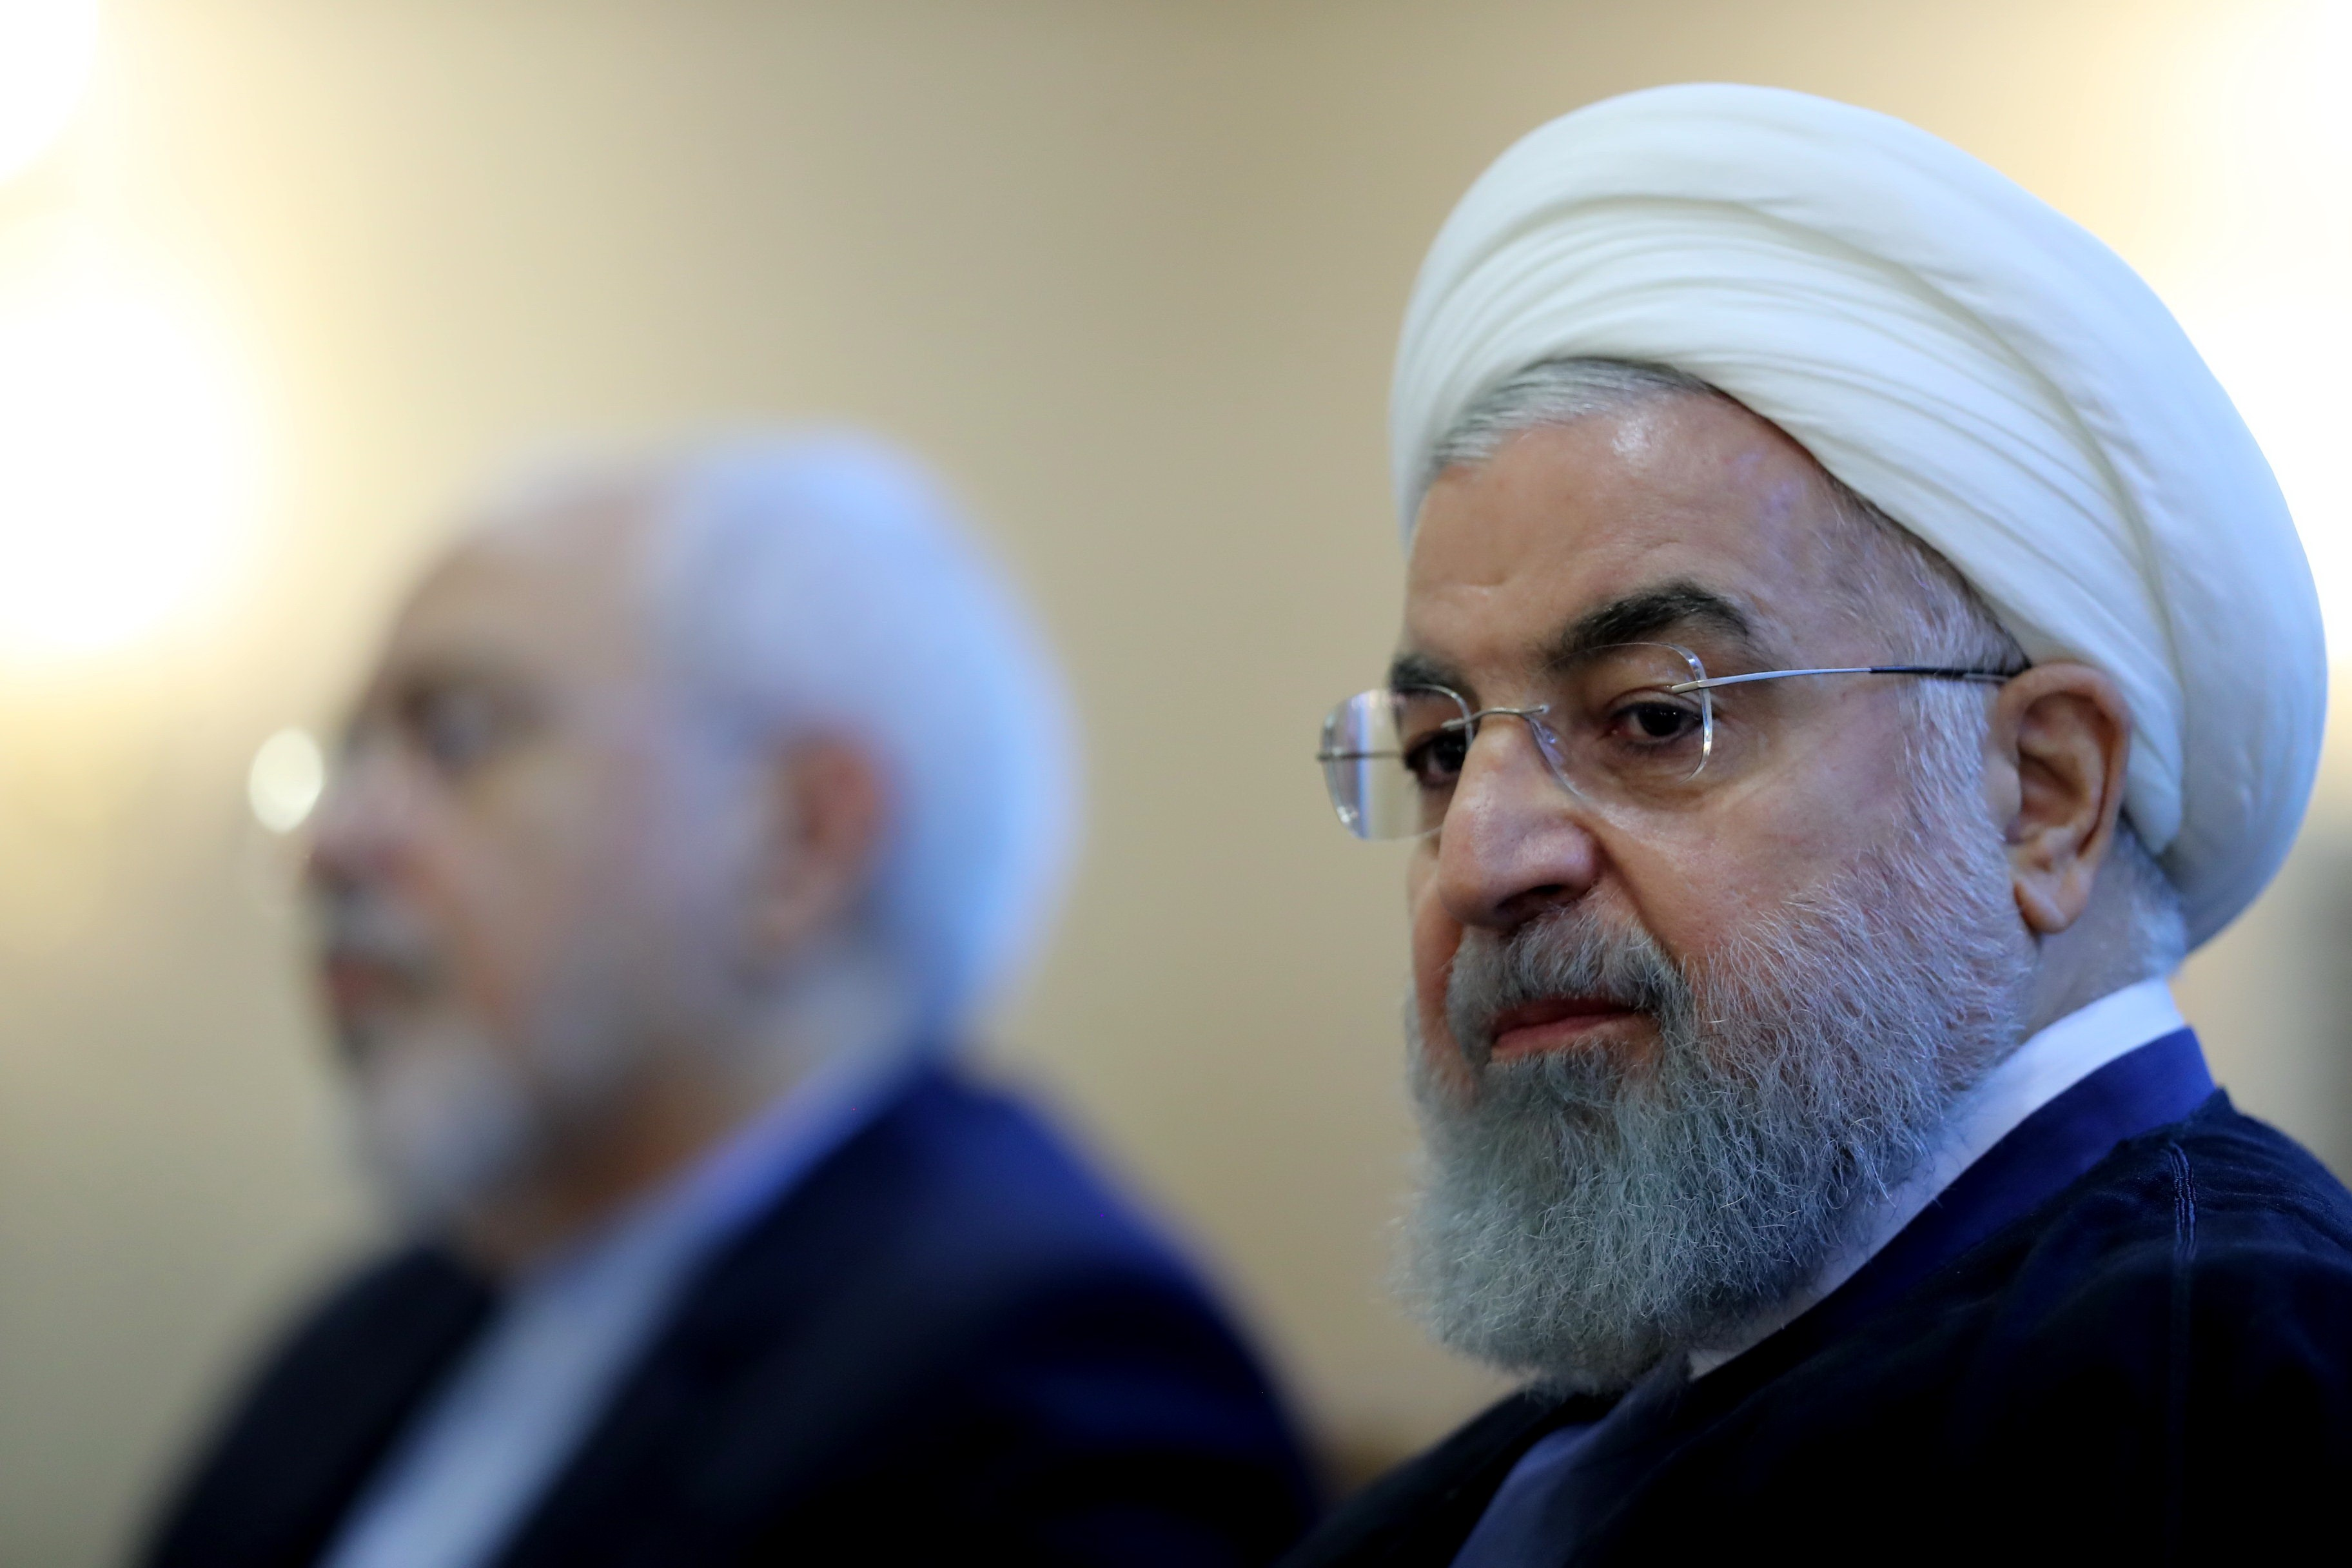 التيار الإصلاحي في إيران - الإصلاحيون في إيران